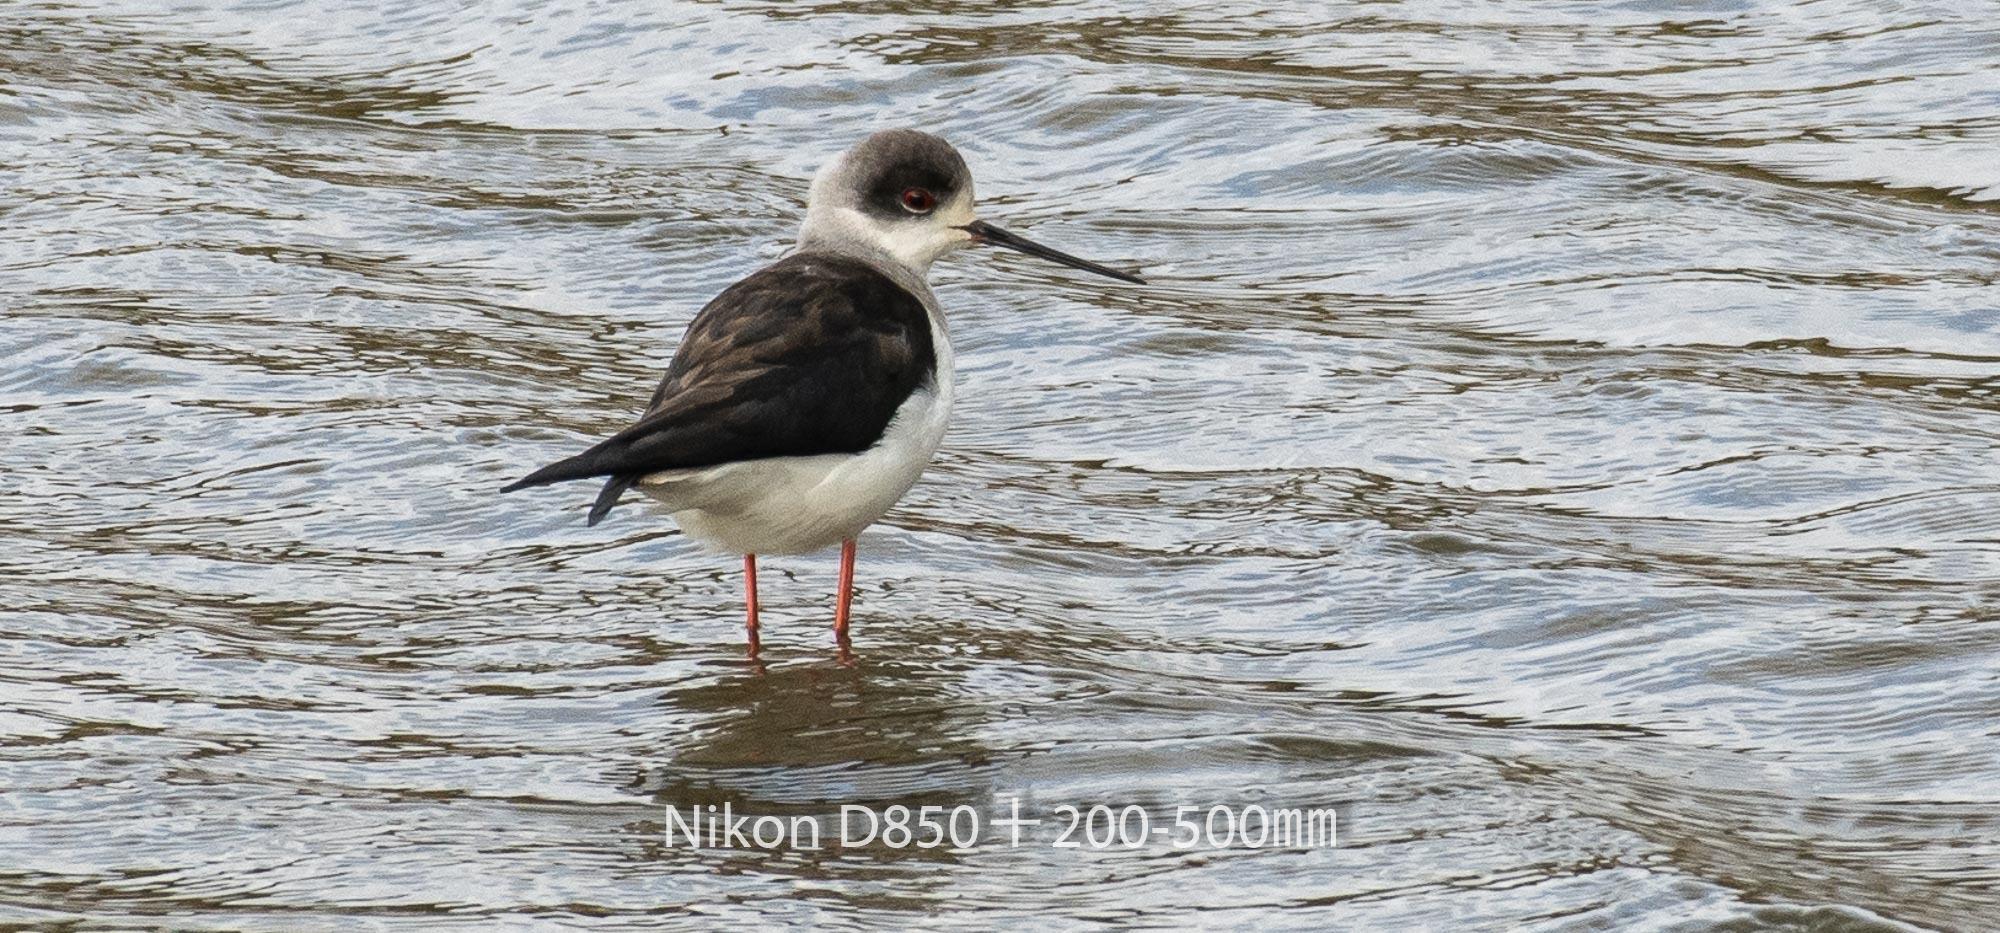 190331 セイタカシギ-01 NIKON D850 ISO 220 500 mm 1627 x 759